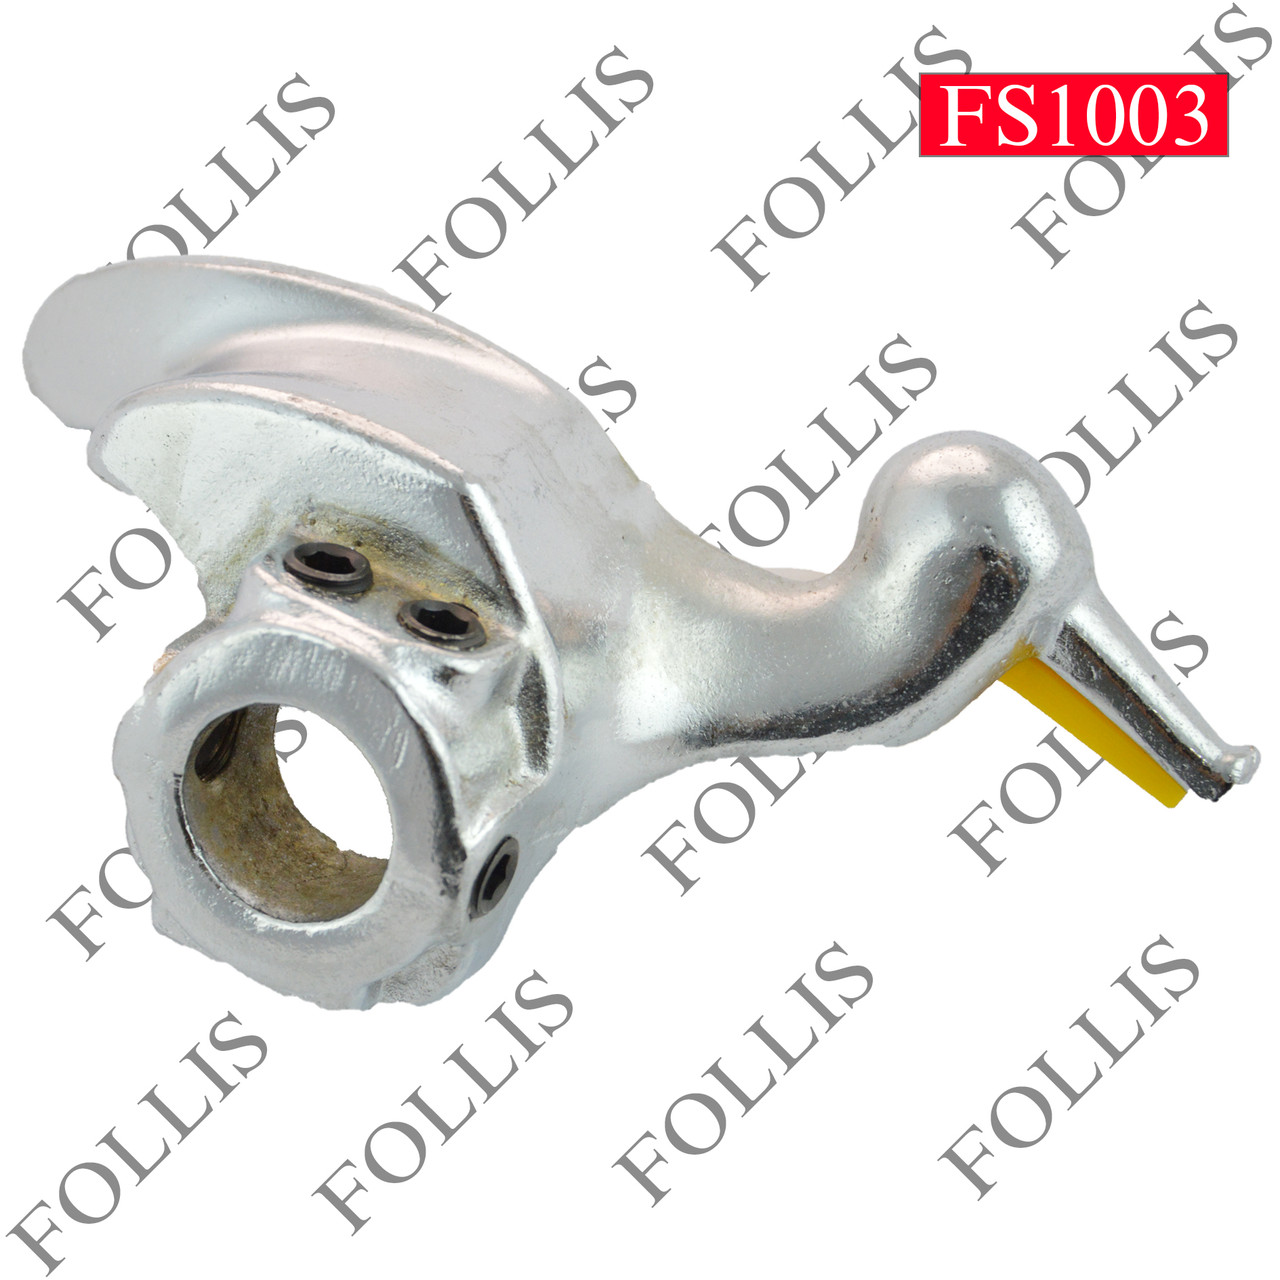 Ключ утка железная Ф30